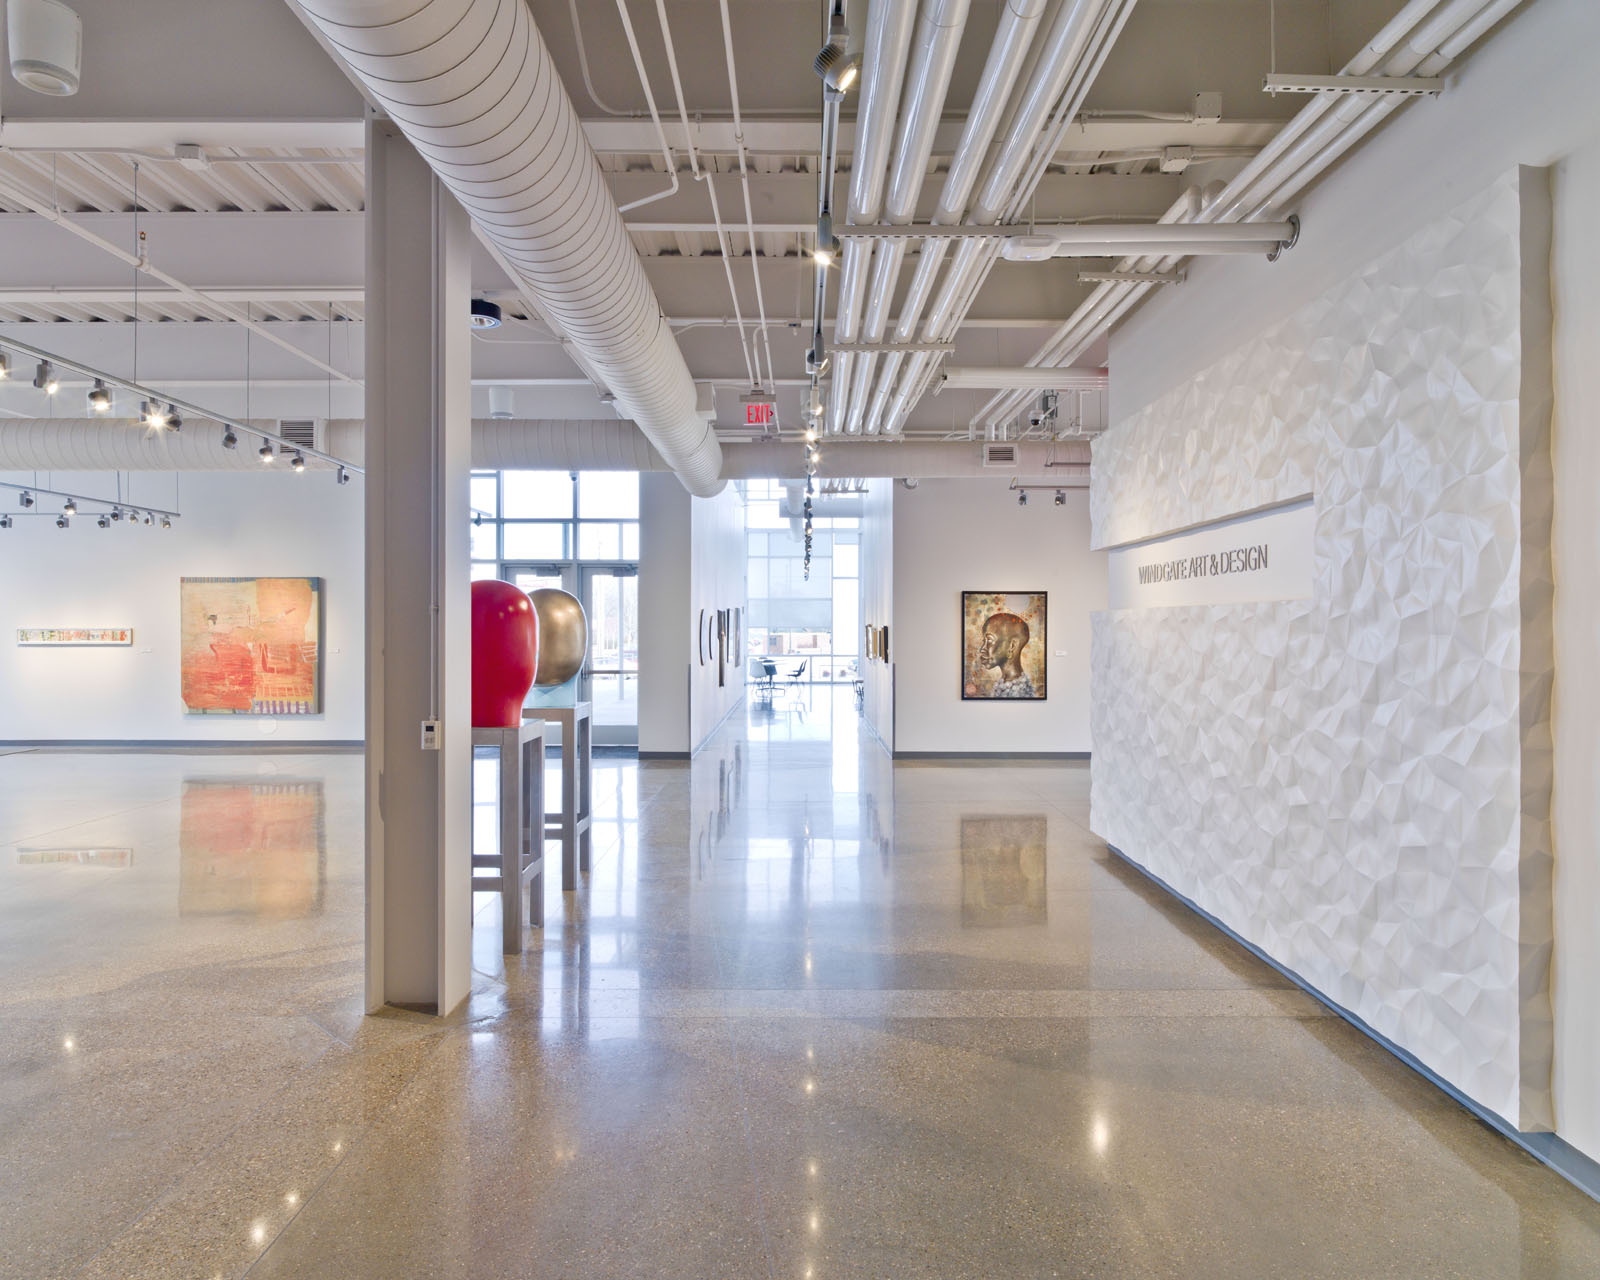 Windgate Art & Design Building  University of Arkansas-Fort Smith